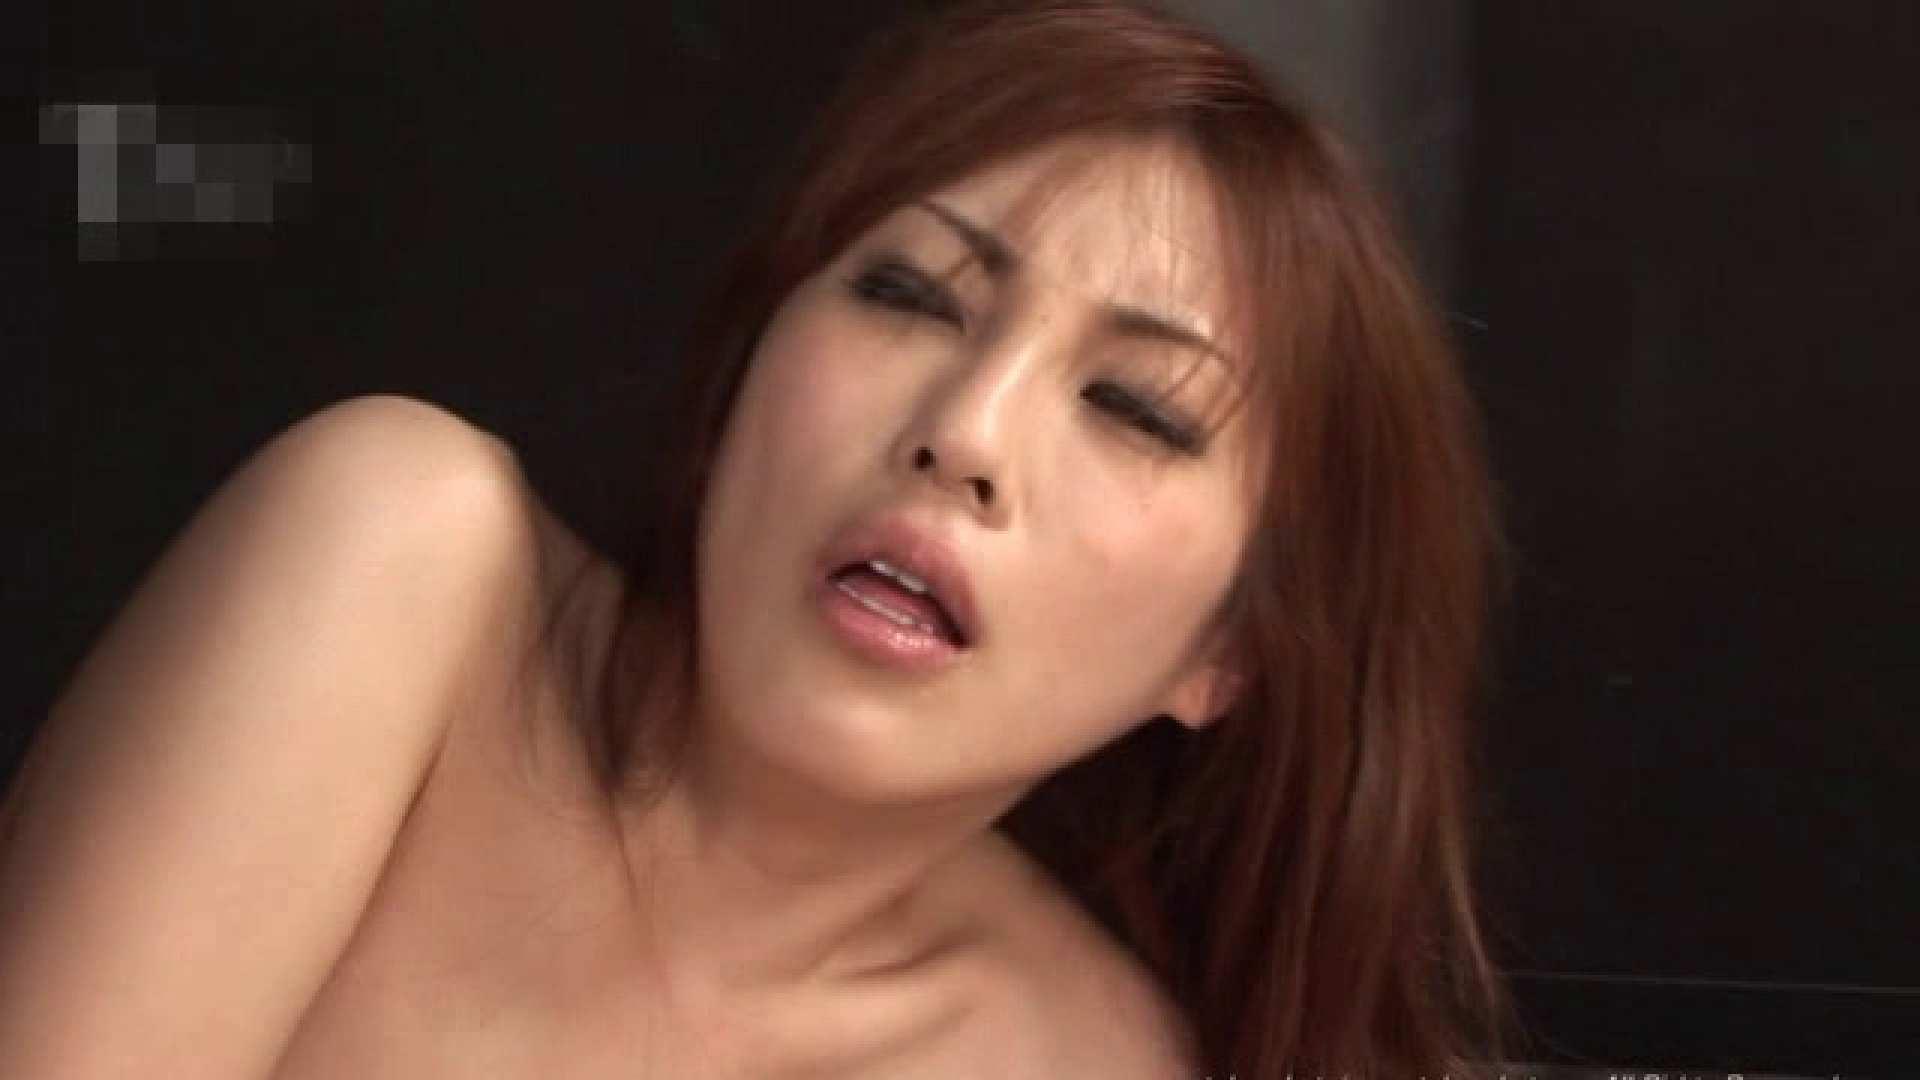 長身モデル連続アメ 痴女 | 鬼畜 盗撮 80PIX 77